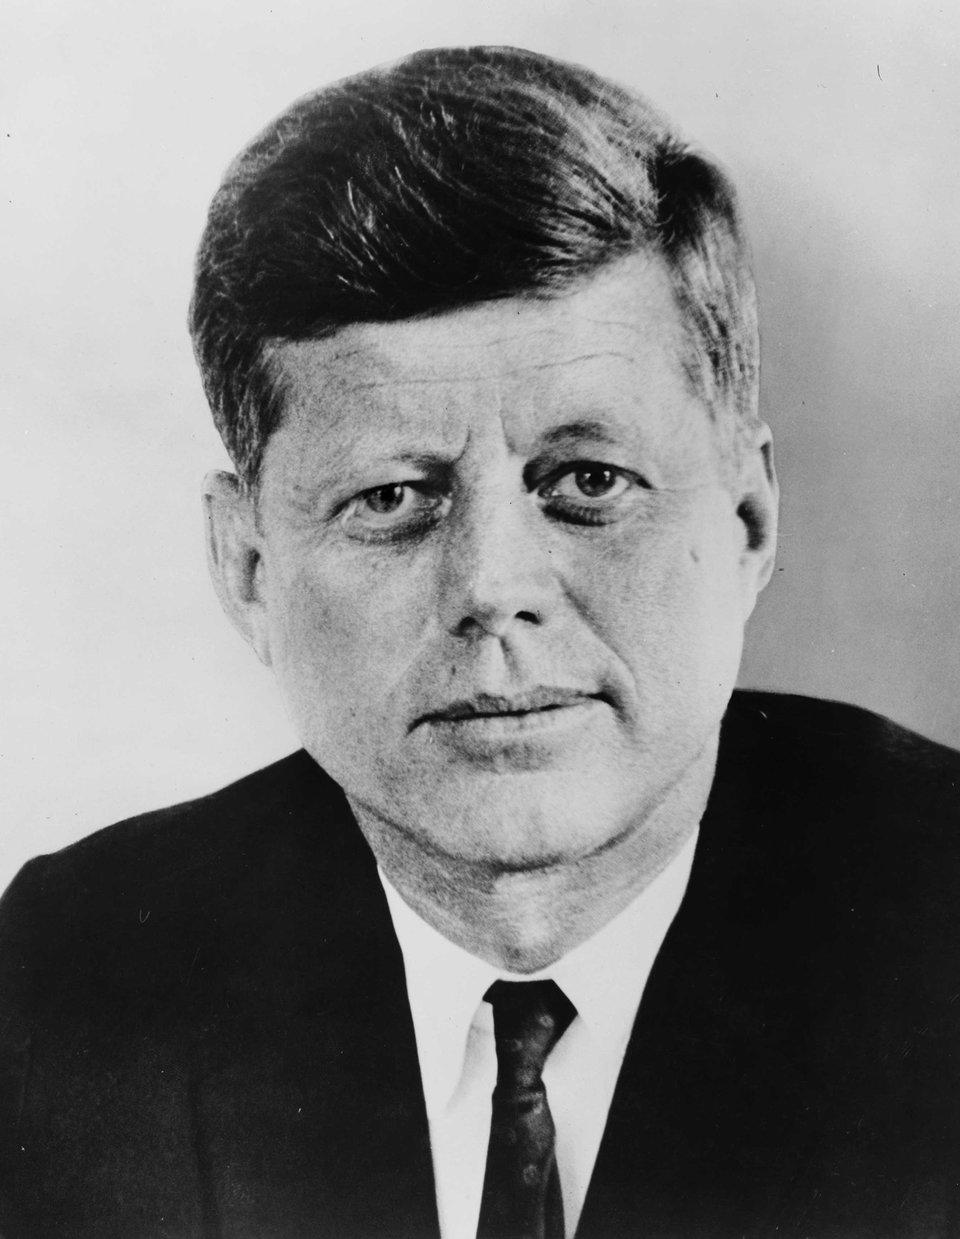 John F. Kennedy John F. Kennedy Źródło: domena publiczna.